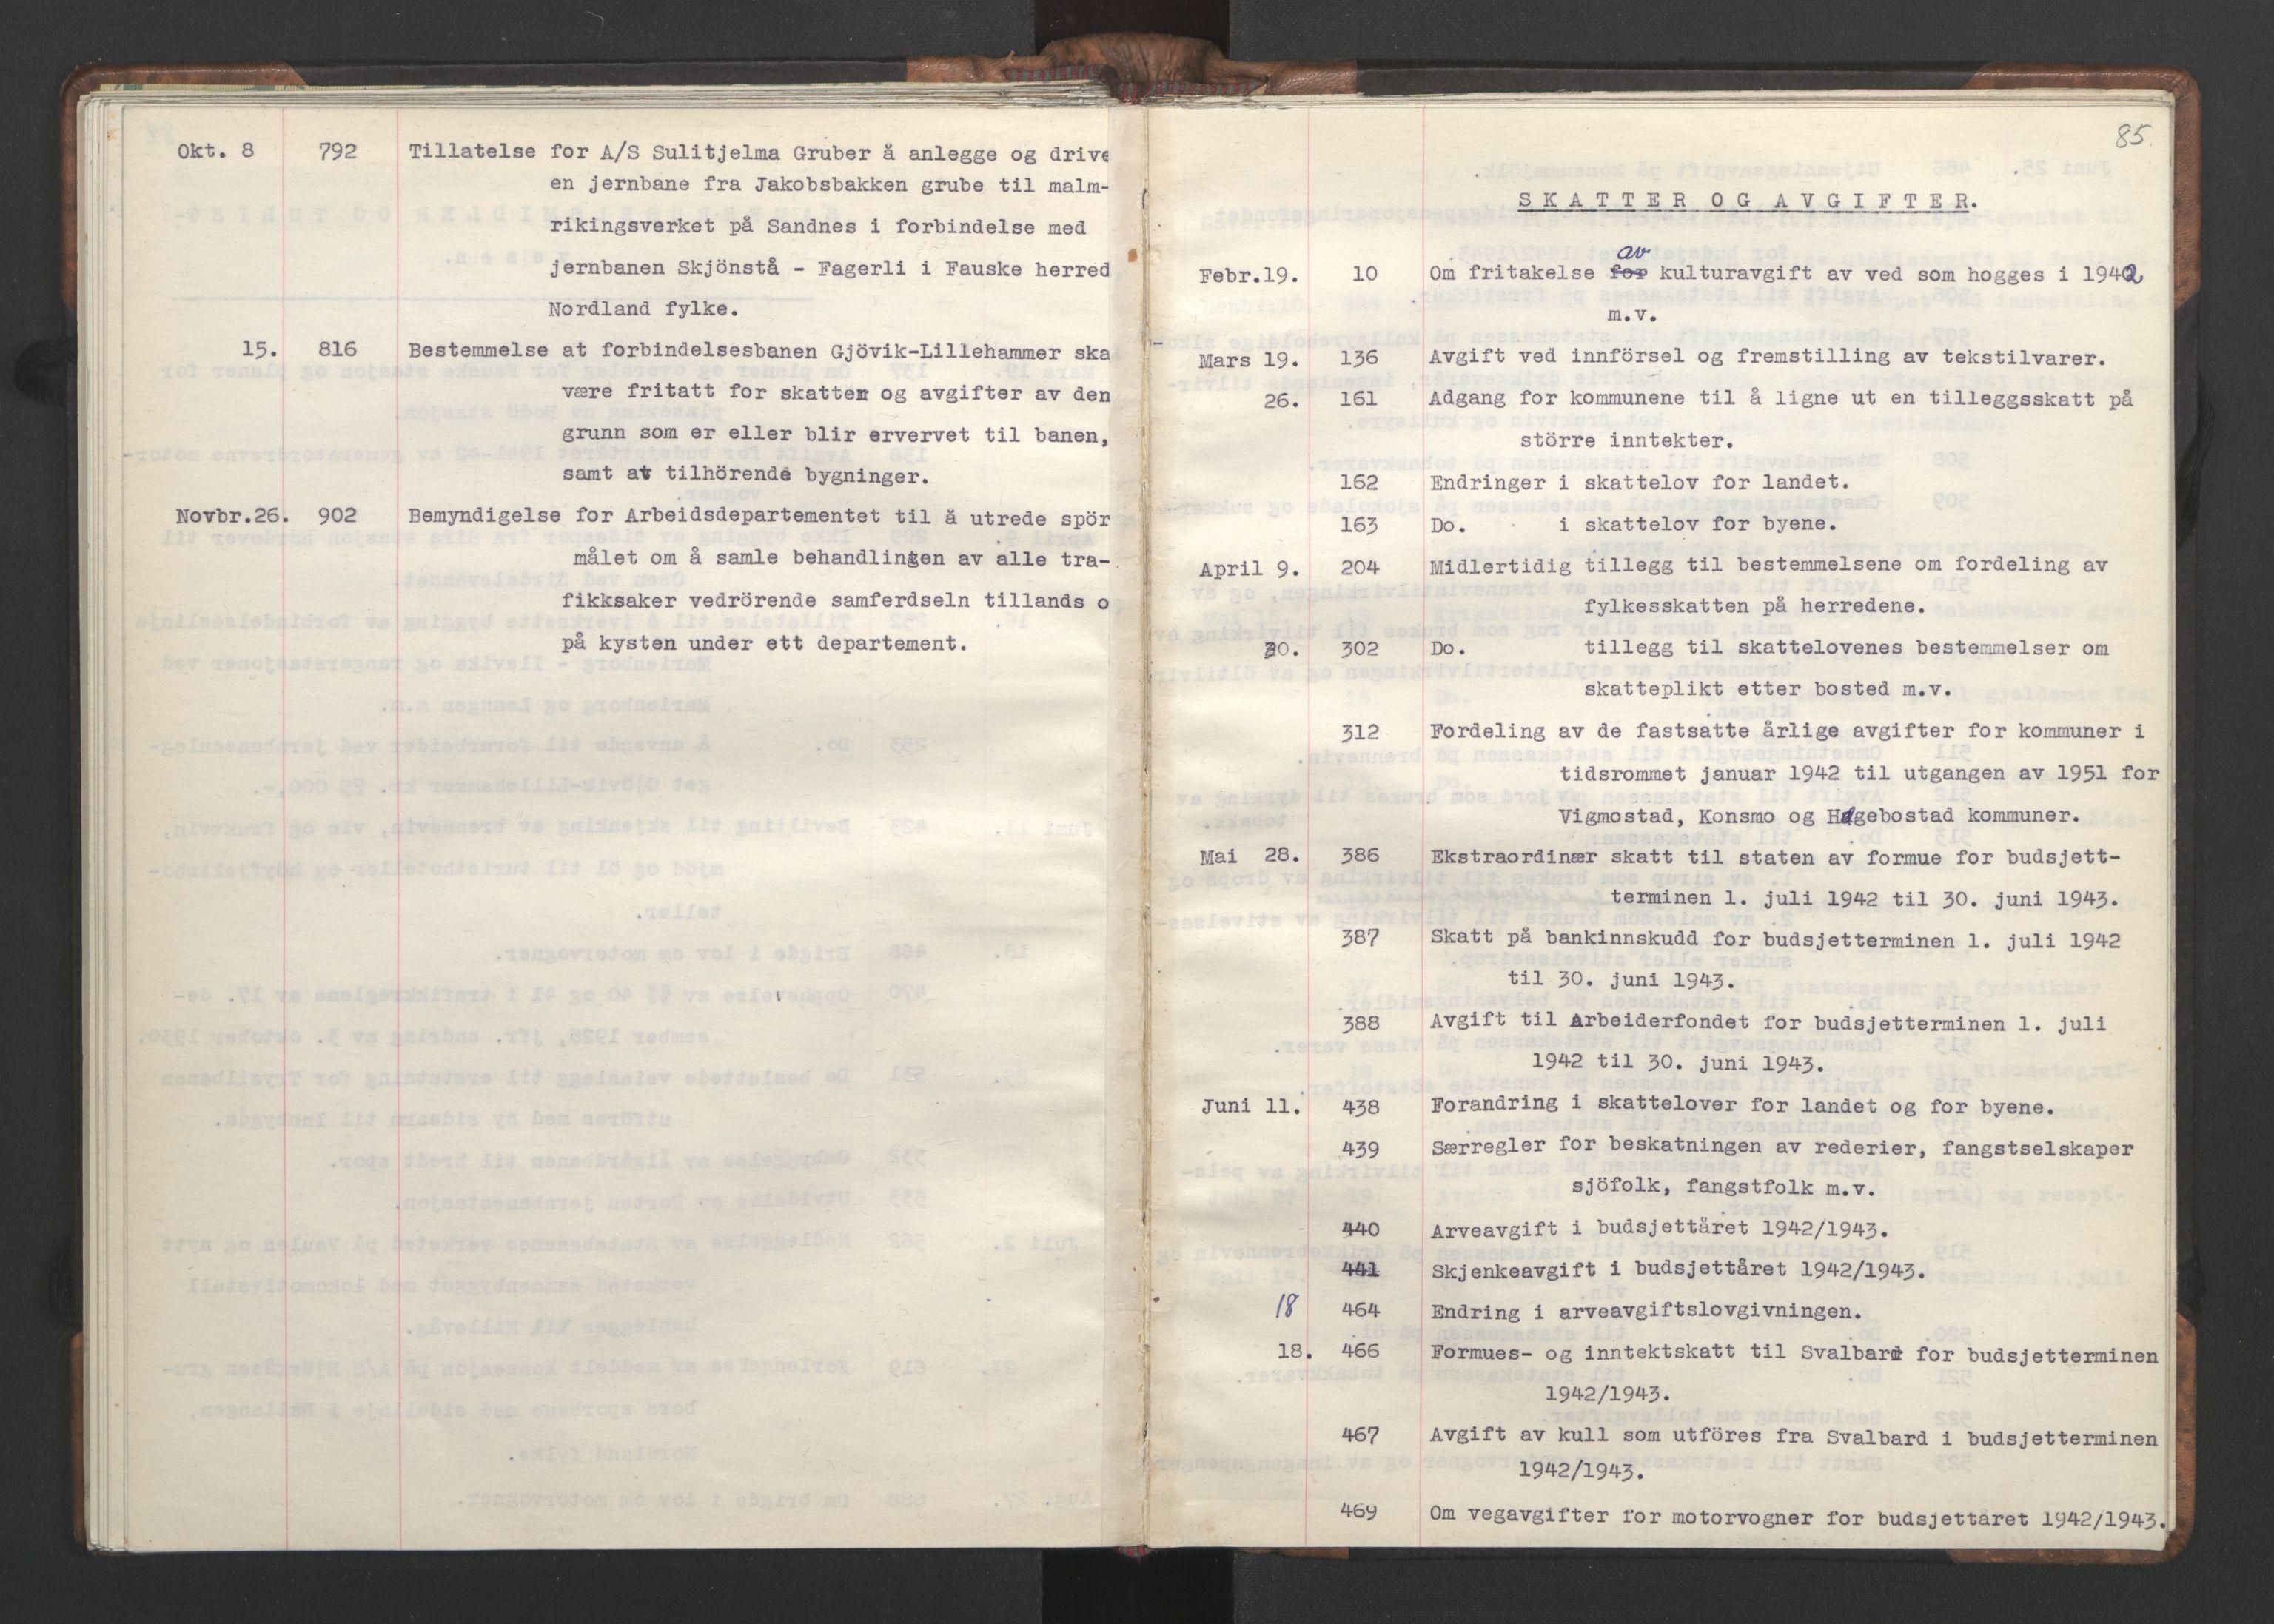 RA, NS-administrasjonen 1940-1945 (Statsrådsekretariatet, de kommisariske statsråder mm), D/Da/L0002: Register (RA j.nr. 985/1943, tilgangsnr. 17/1943), 1942, s. 84b-85a